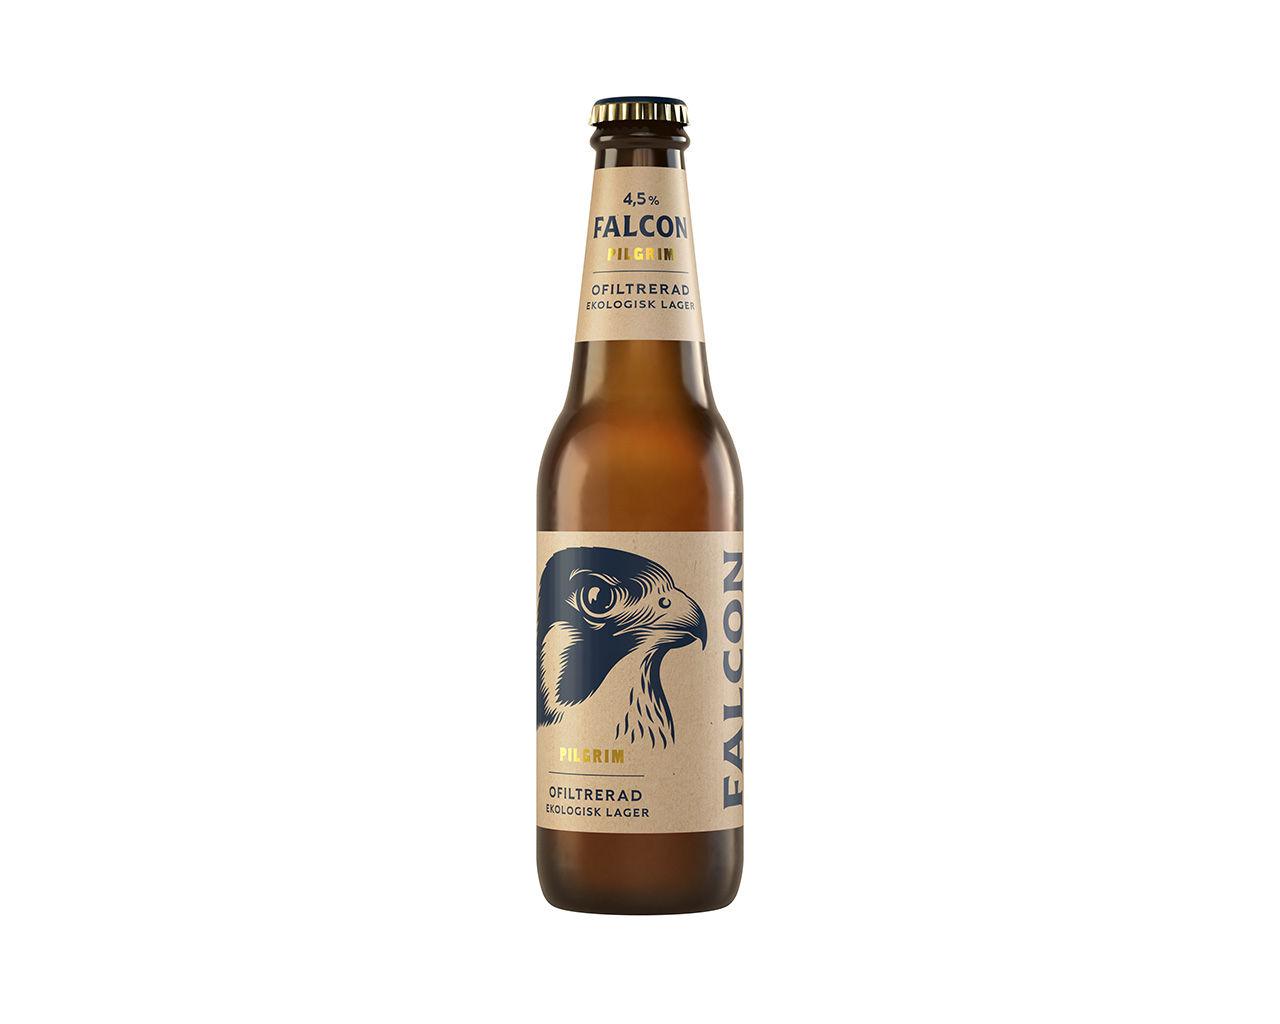 Ny ofiltrerad öl från Falcon